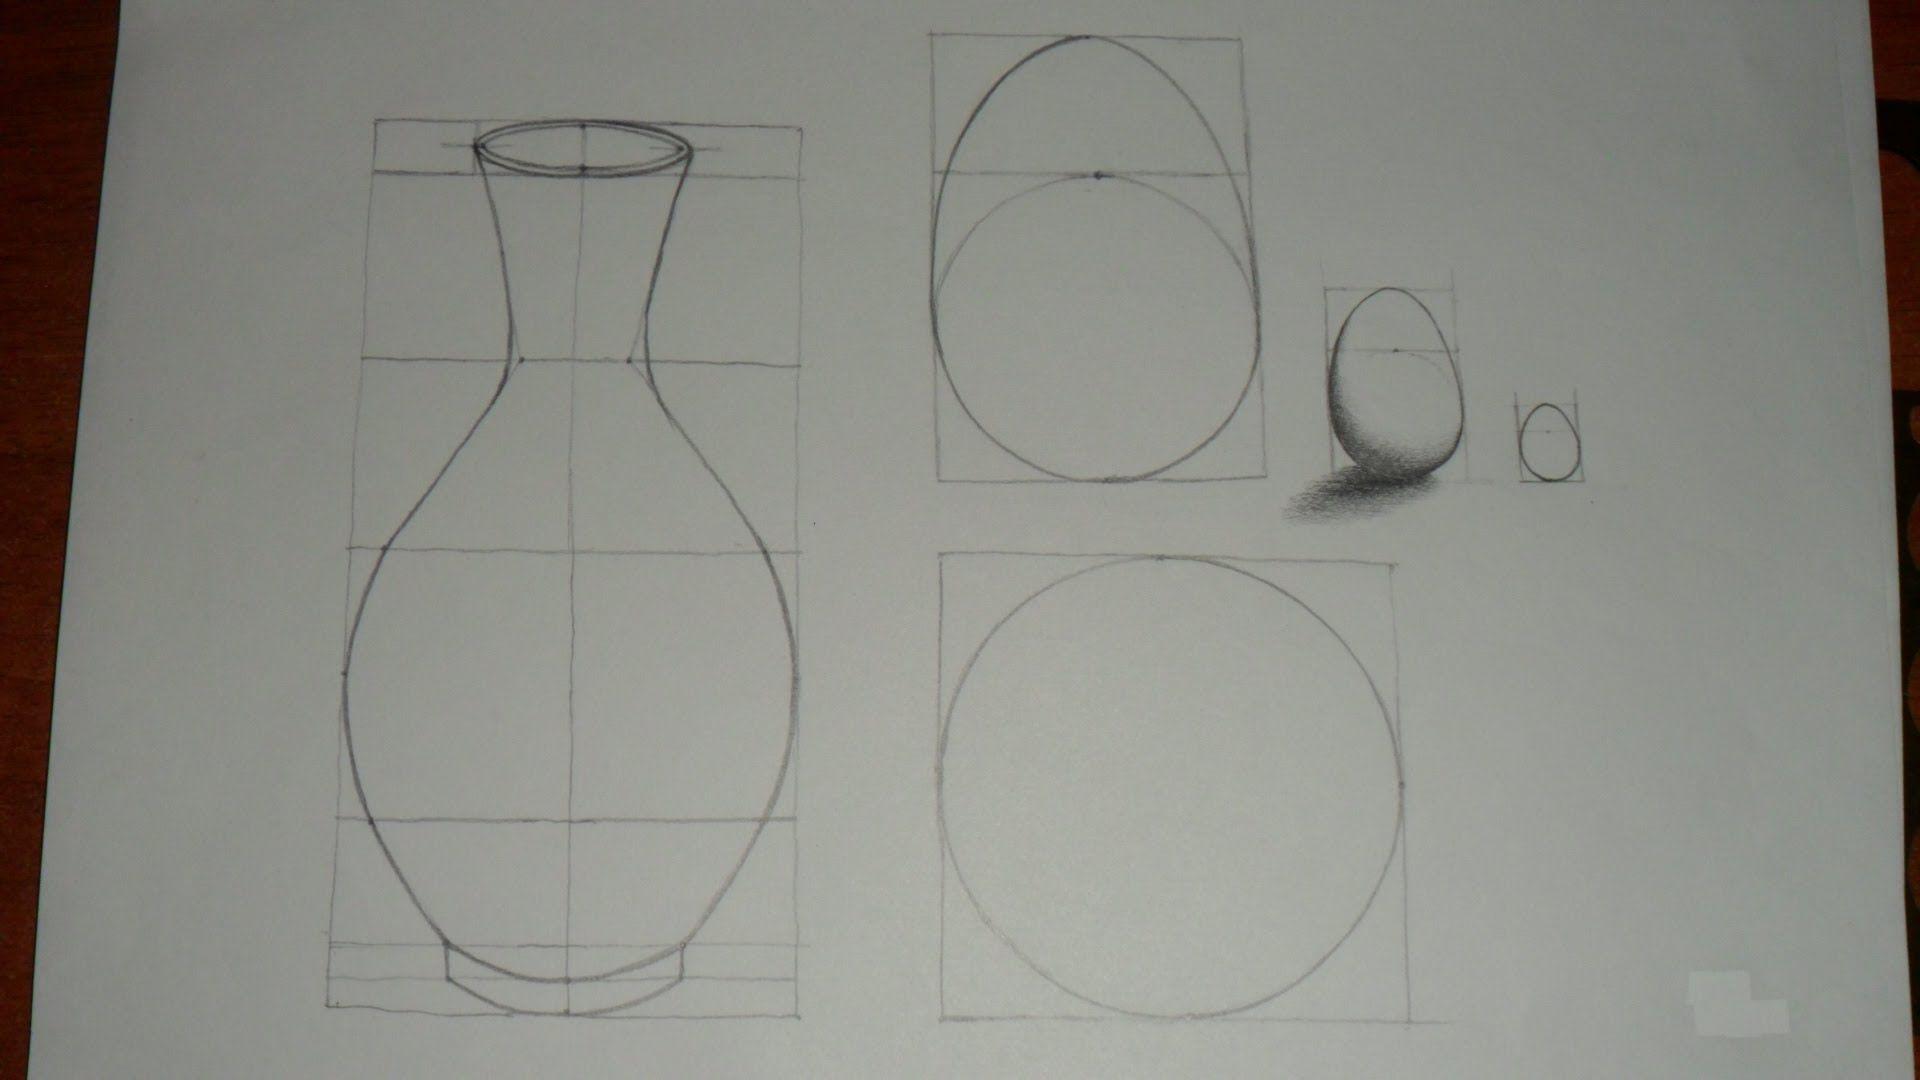 Leccion Nº 4 Bases Elementales Para Dibujar Elementos Auxiliares En Dibujo Y Su Uso O Aplicacion Como Aprender A Dibujar Aprender A Dibujar Bodegones Faciles